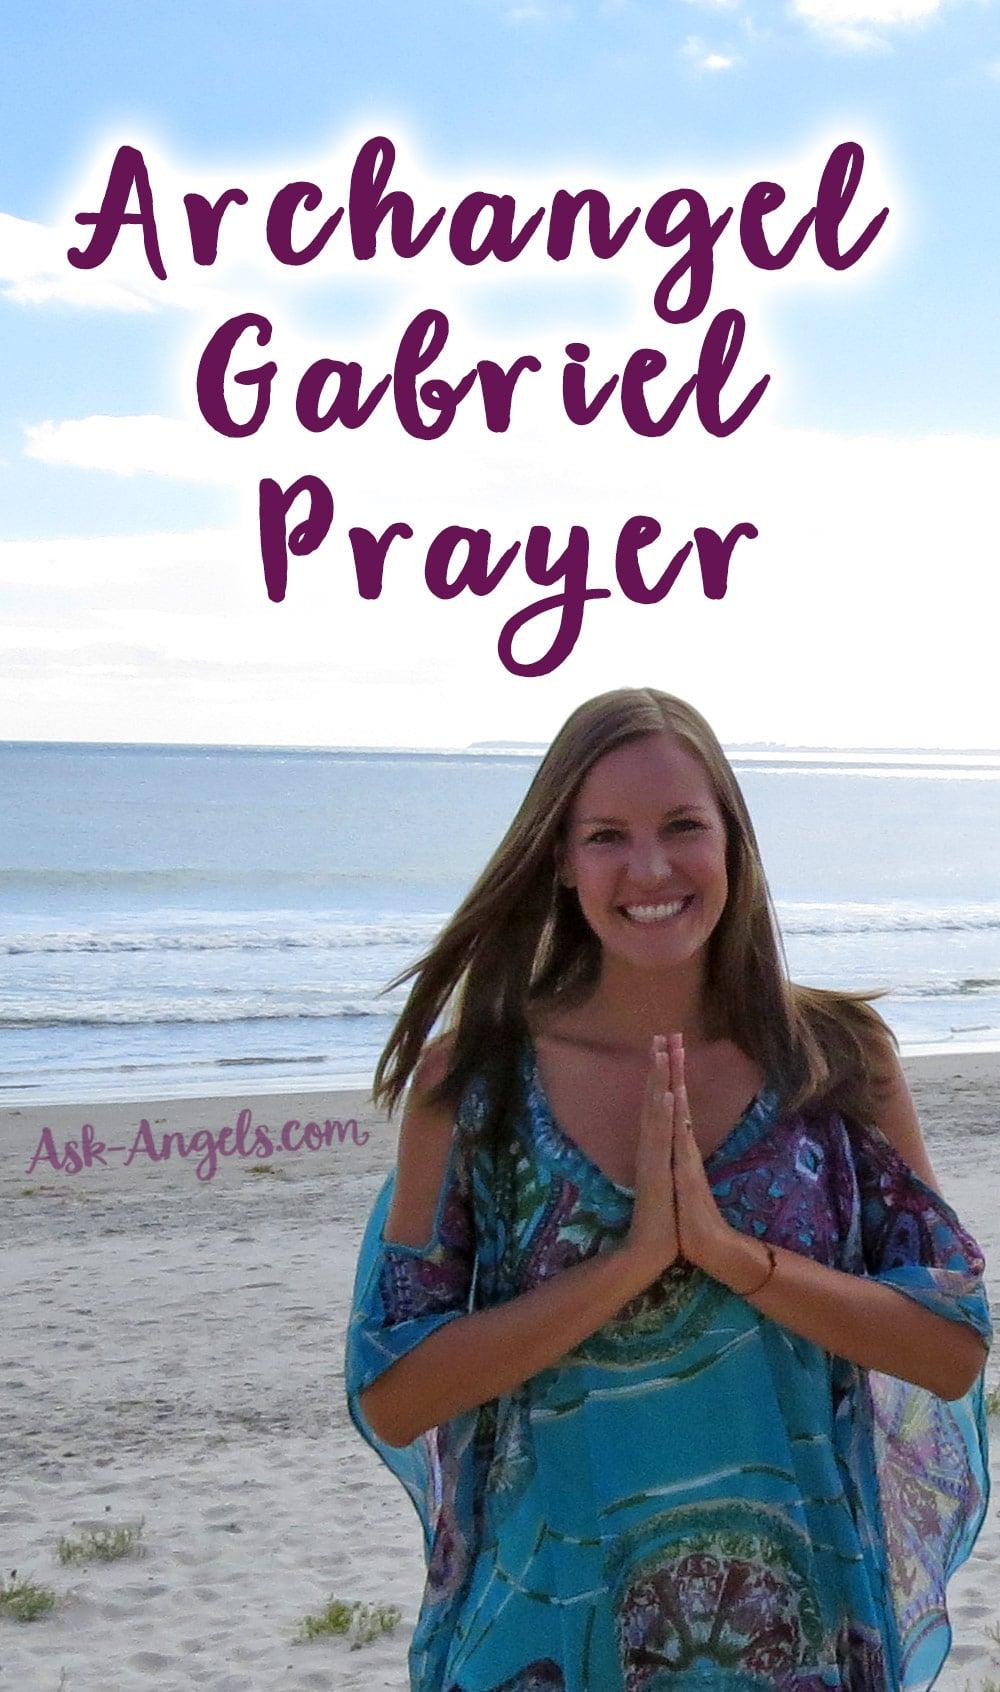 Archangel Gabriel Prayer